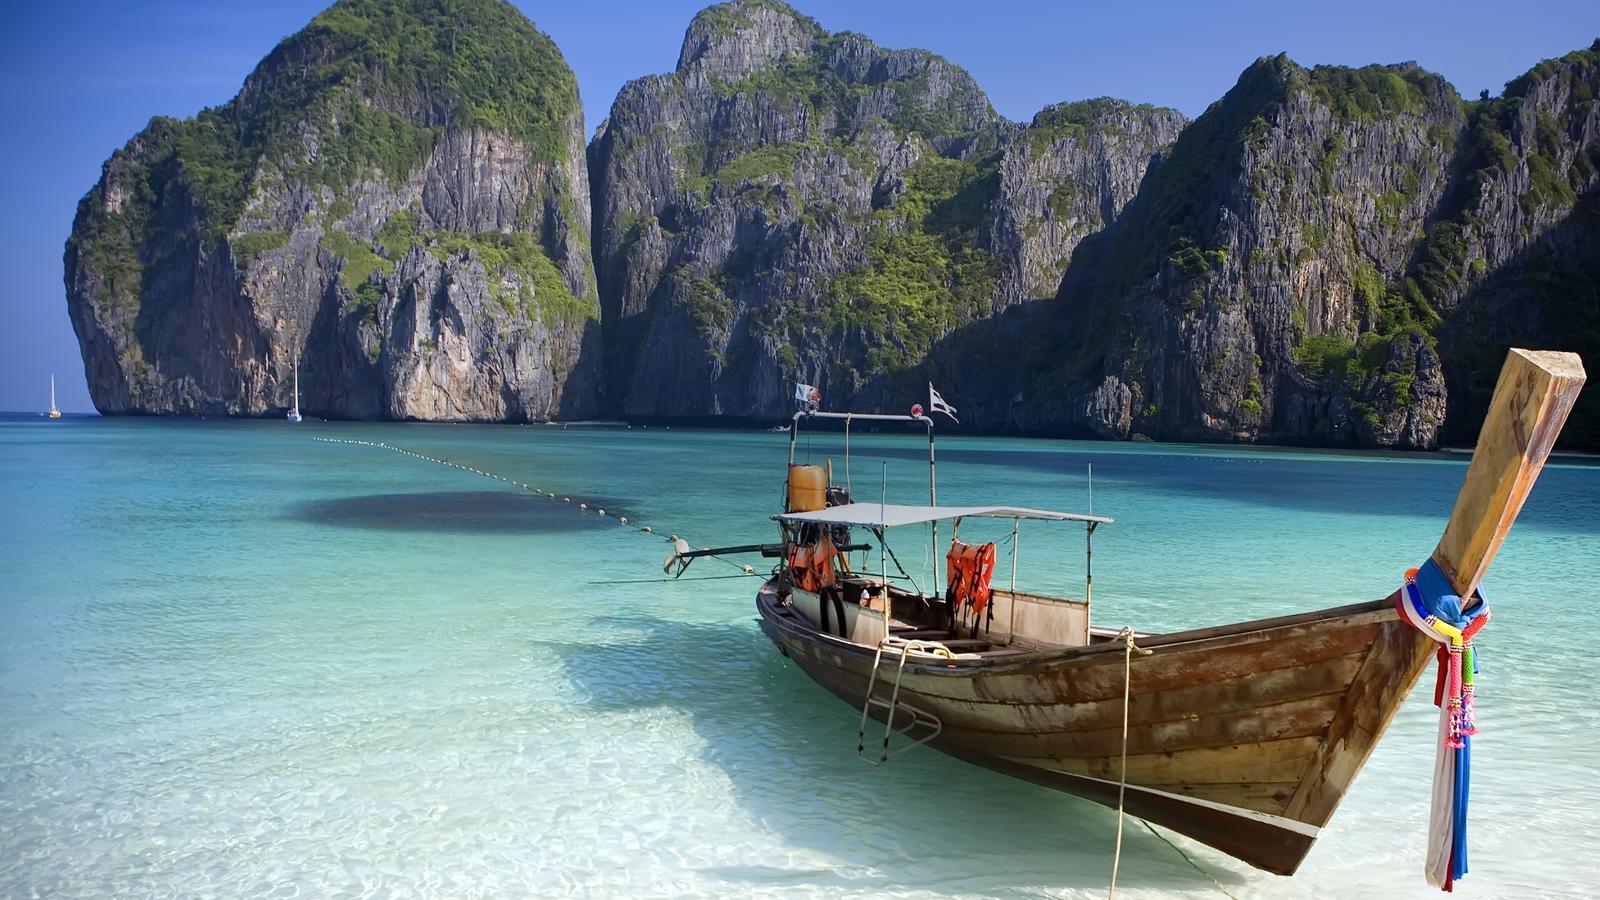 Pourquoi la Thaïlande attire autant ?